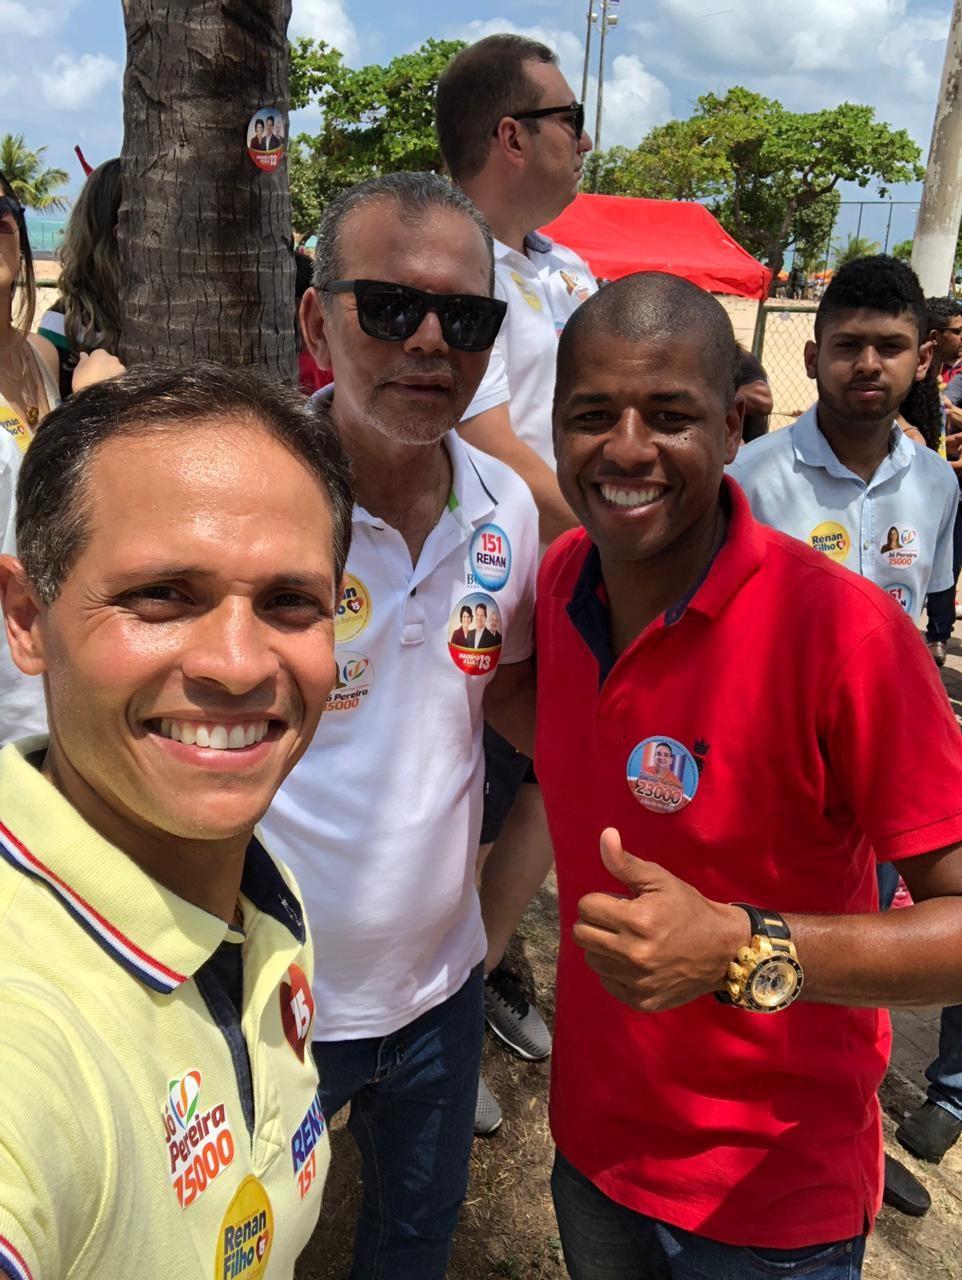 Chico Vigário participa de grande caminhada em apoio às candidaturas de Renan Filho, Renan Calheiros e Jó Pereira